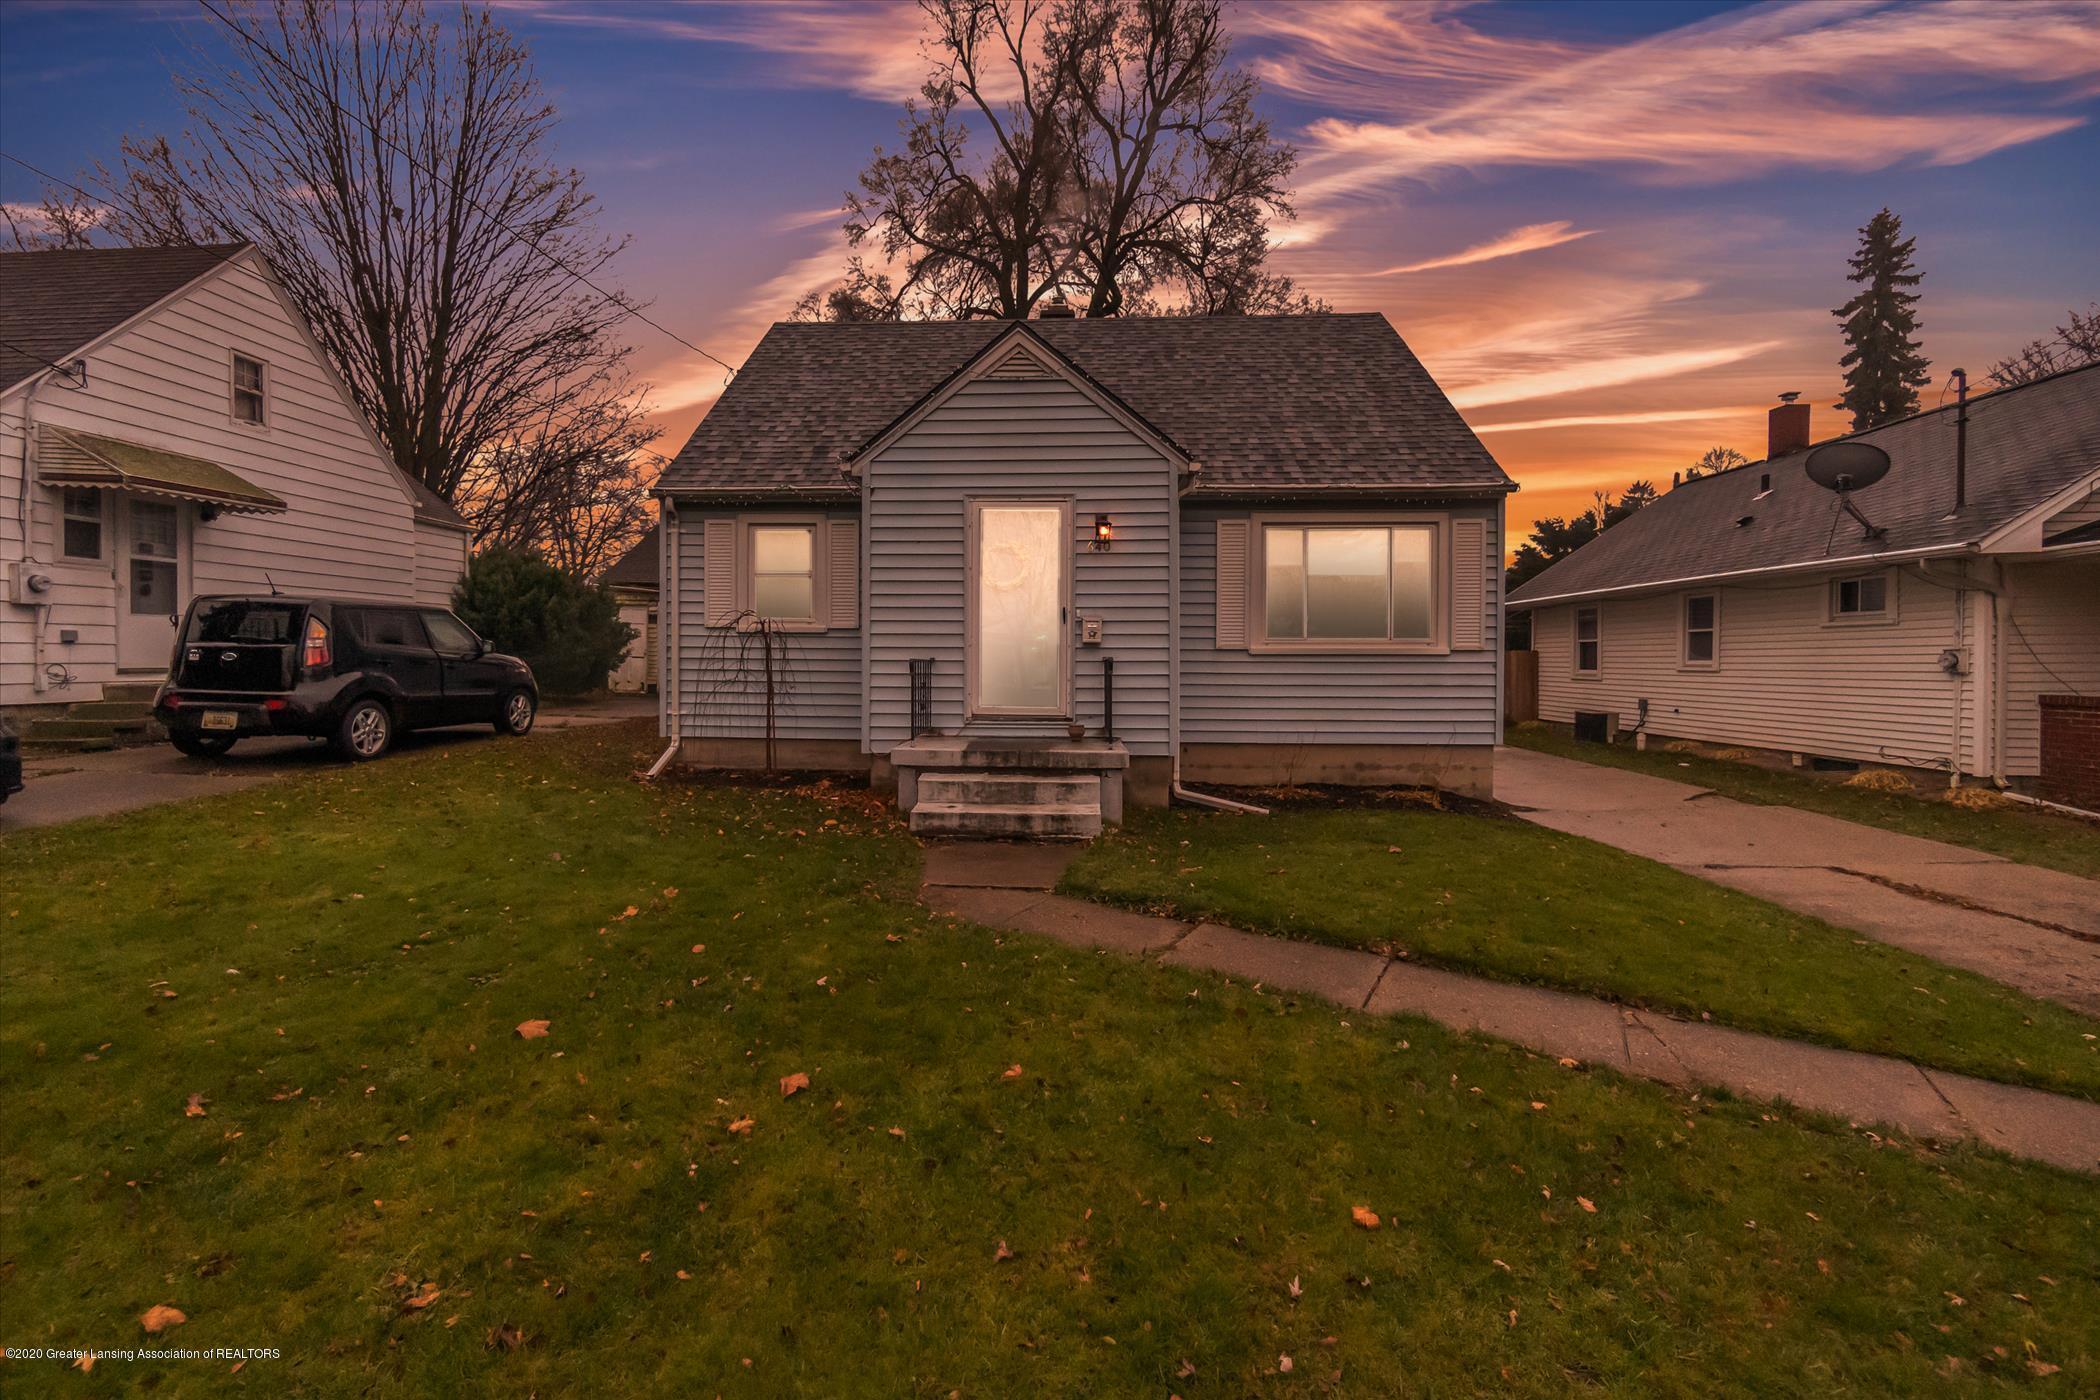 640 S Park Blvd - 640-Park-Blvd-WindowStill-Real-E - 29